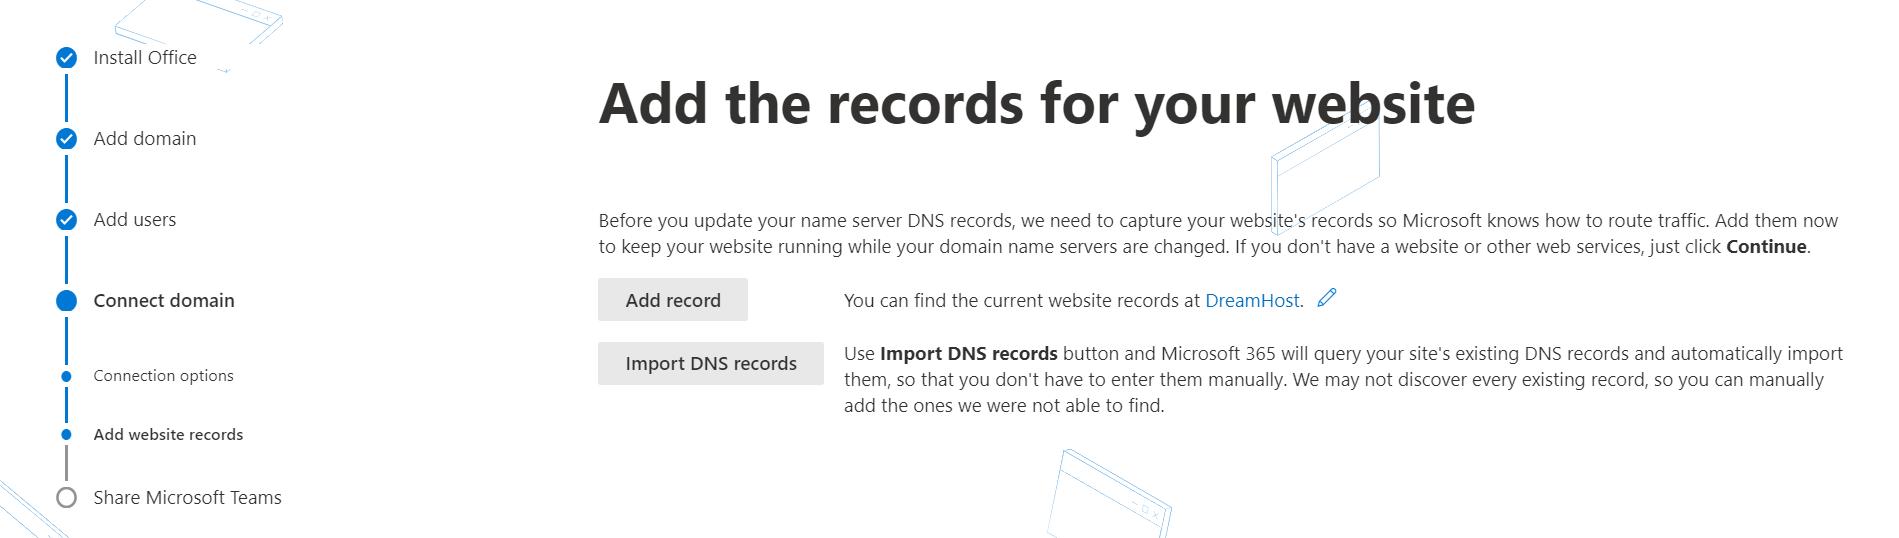 设置自定义电子邮件地址需要使用Office 365添加网站记录。